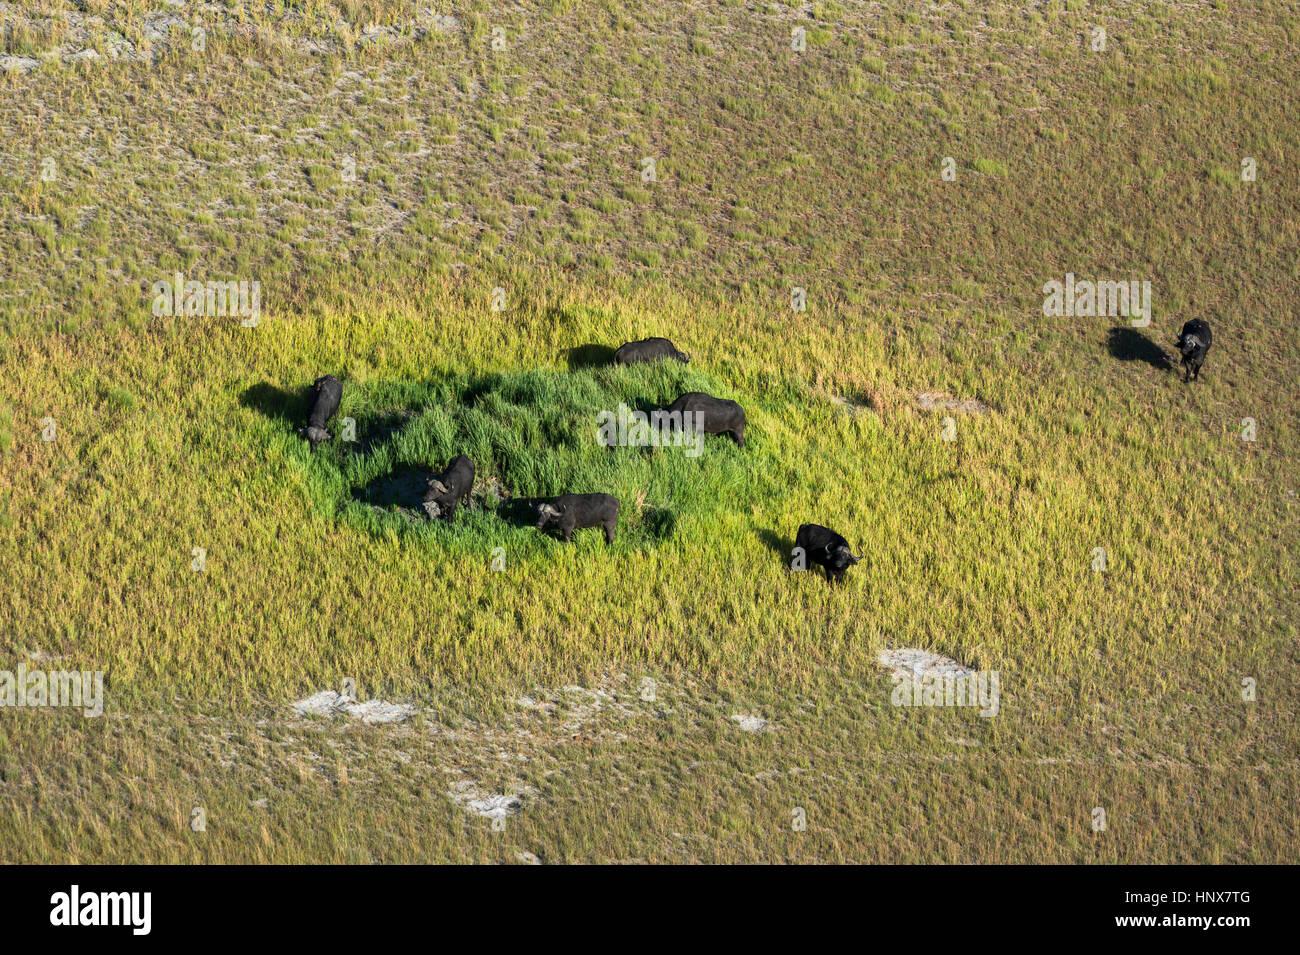 Vista aerea del capo buffalo (Syncerus caffer) pascolo del bestiame al pascolo, Okavango Delta, Botswana Foto Stock